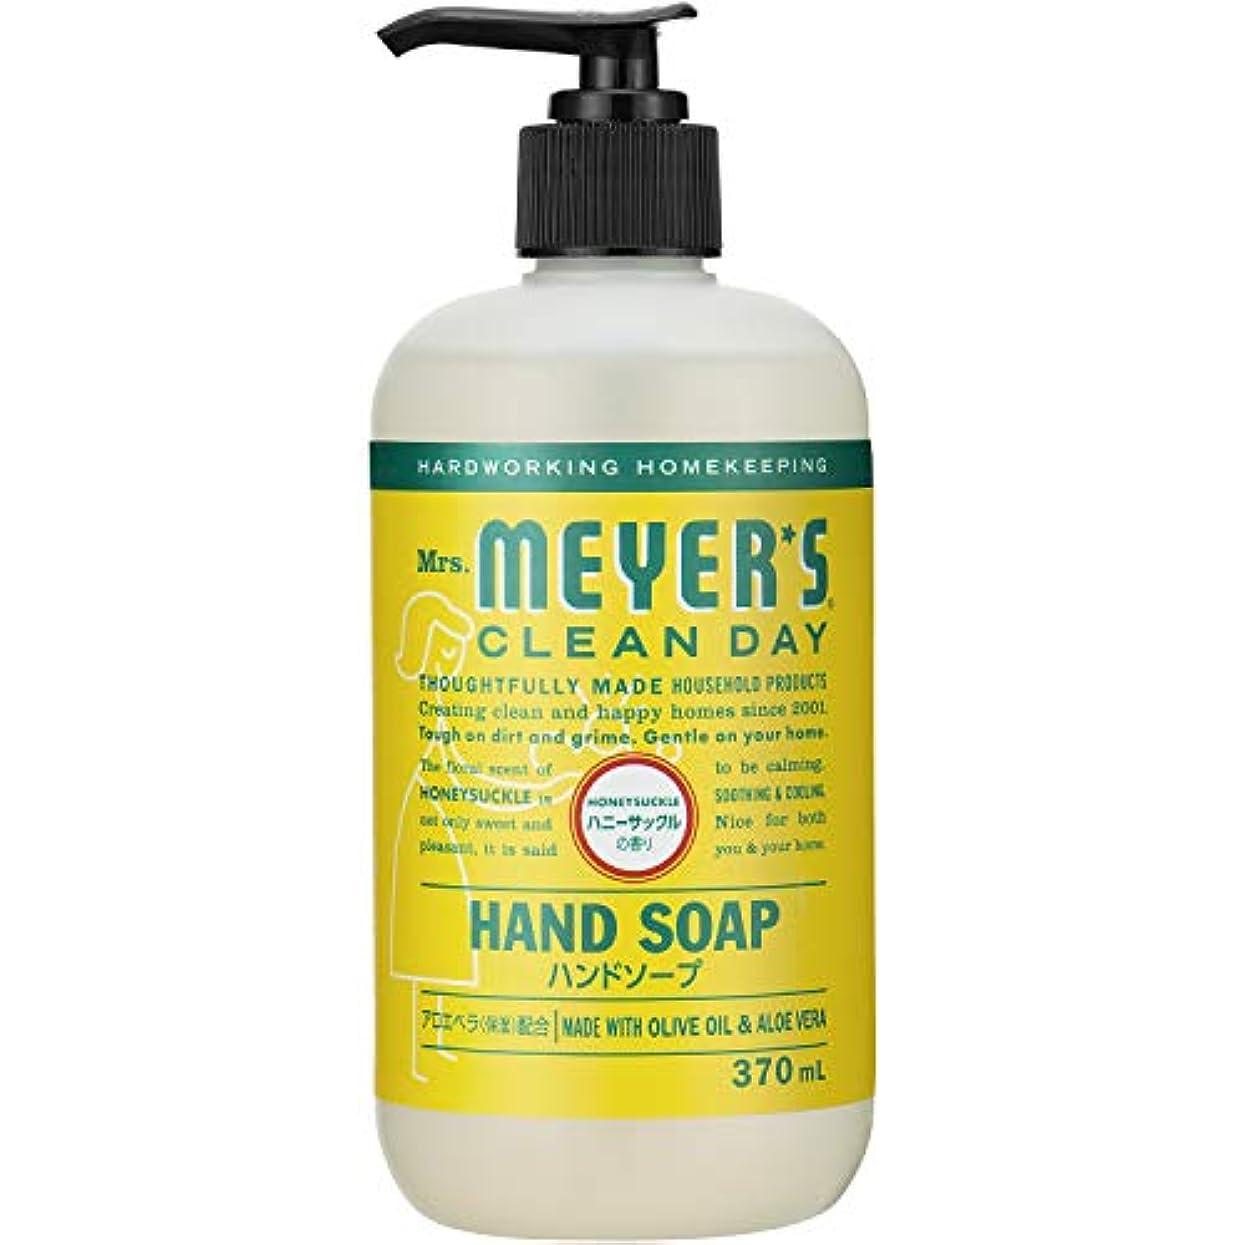 一族便利安いですMrs. MEYER'S CLEAN DAY(ミセスマイヤーズ クリーンデイ) ミセスマイヤーズ クリーンデイ(Mrs.Meyers Clean Day) ハンドソープ ハニーサックルの香り 370ml